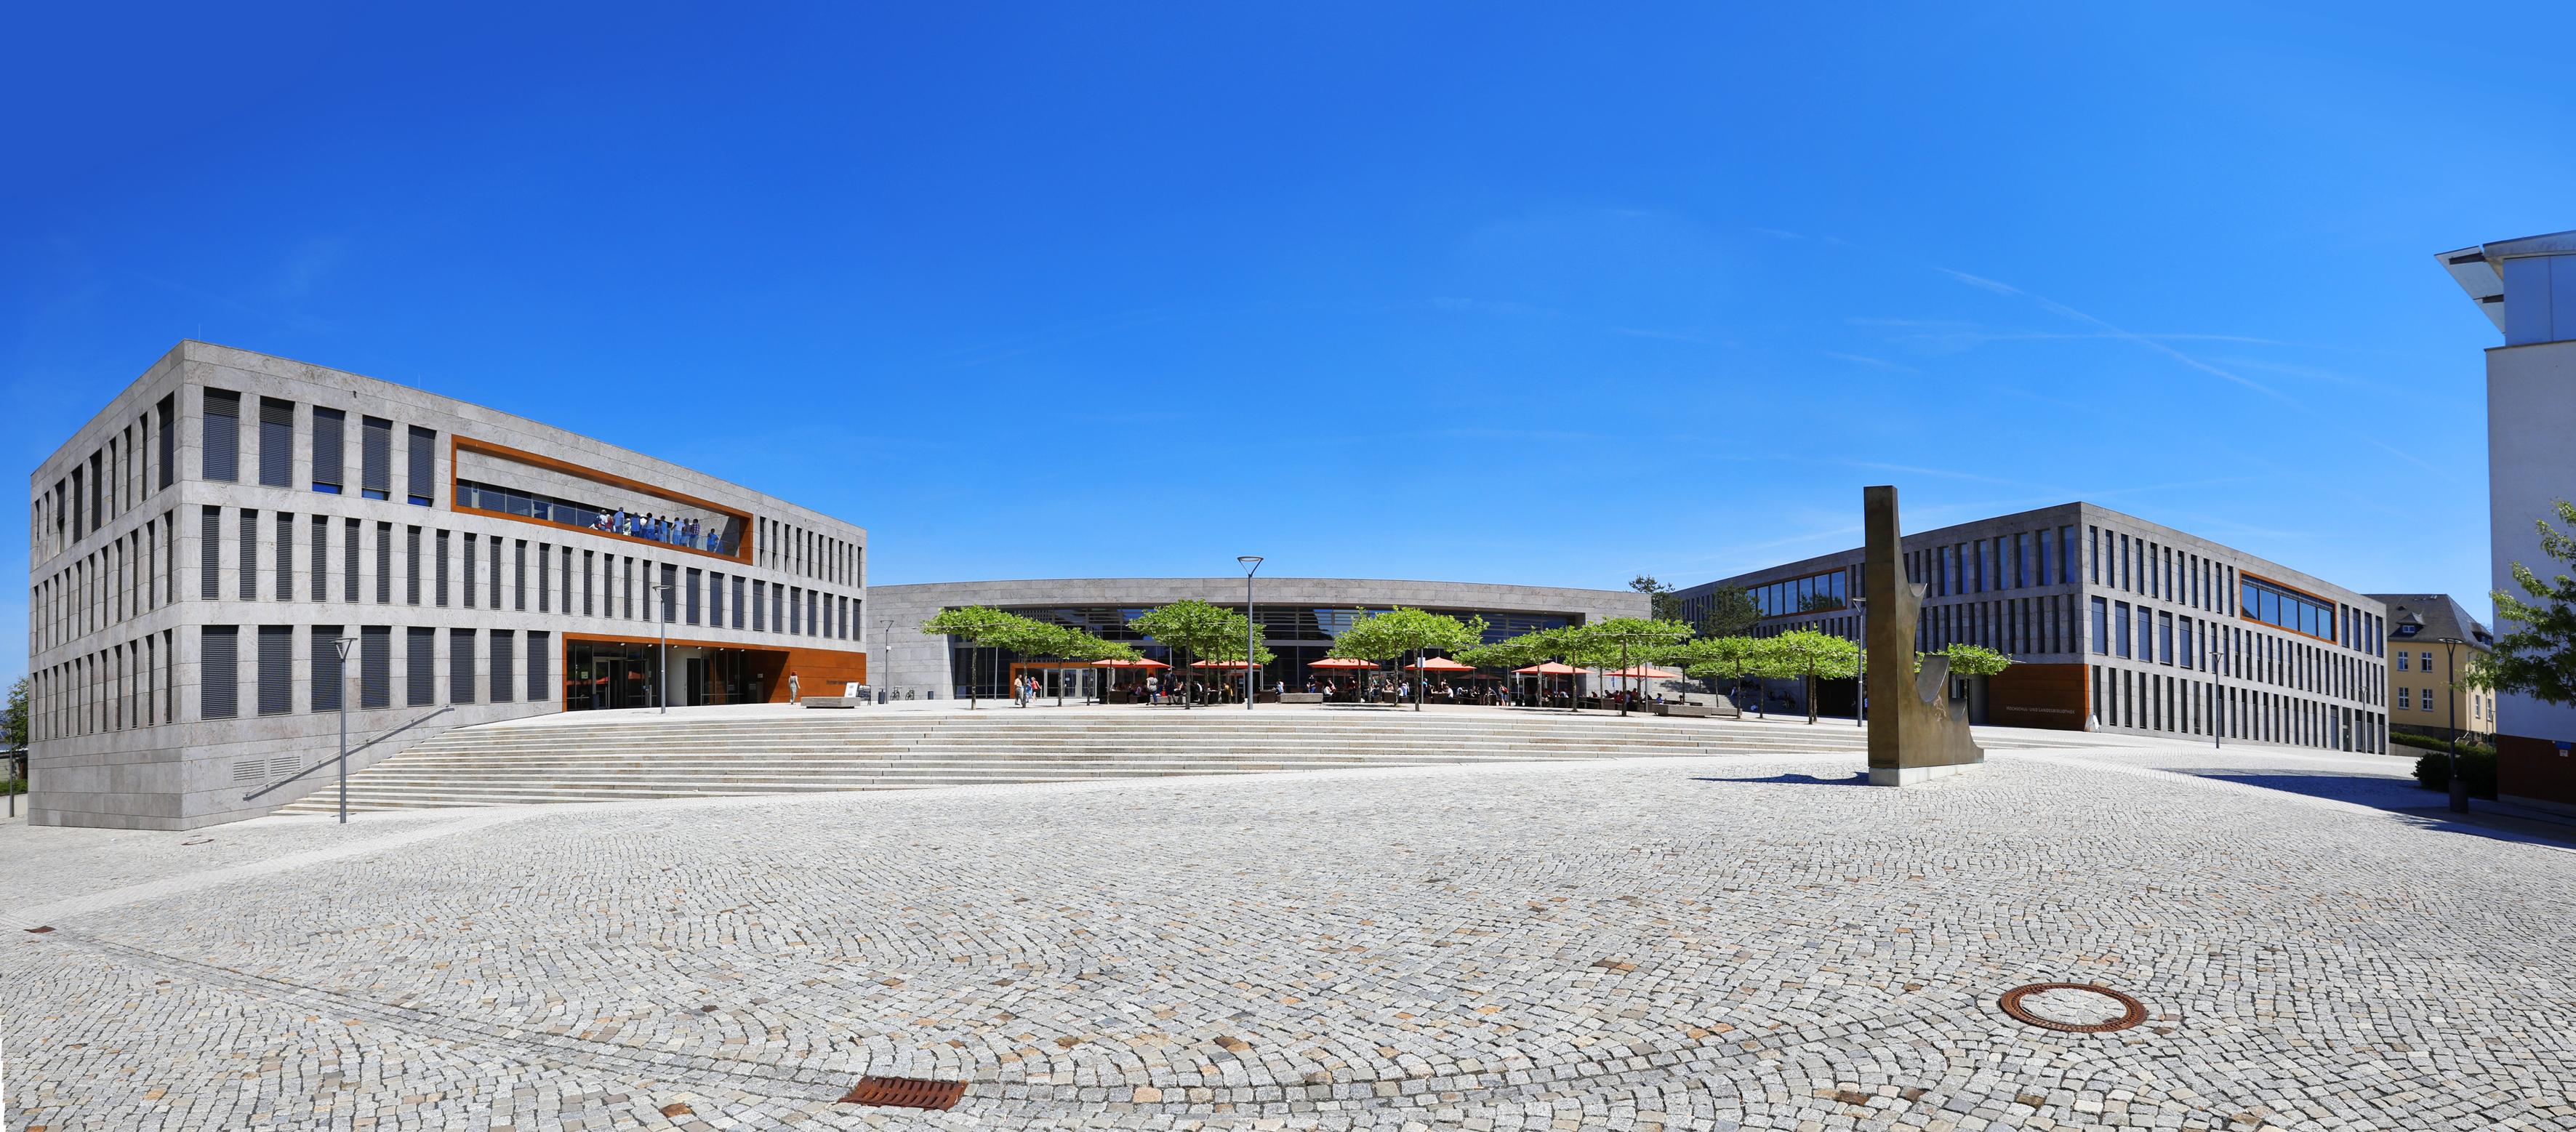 Ffh Fulda